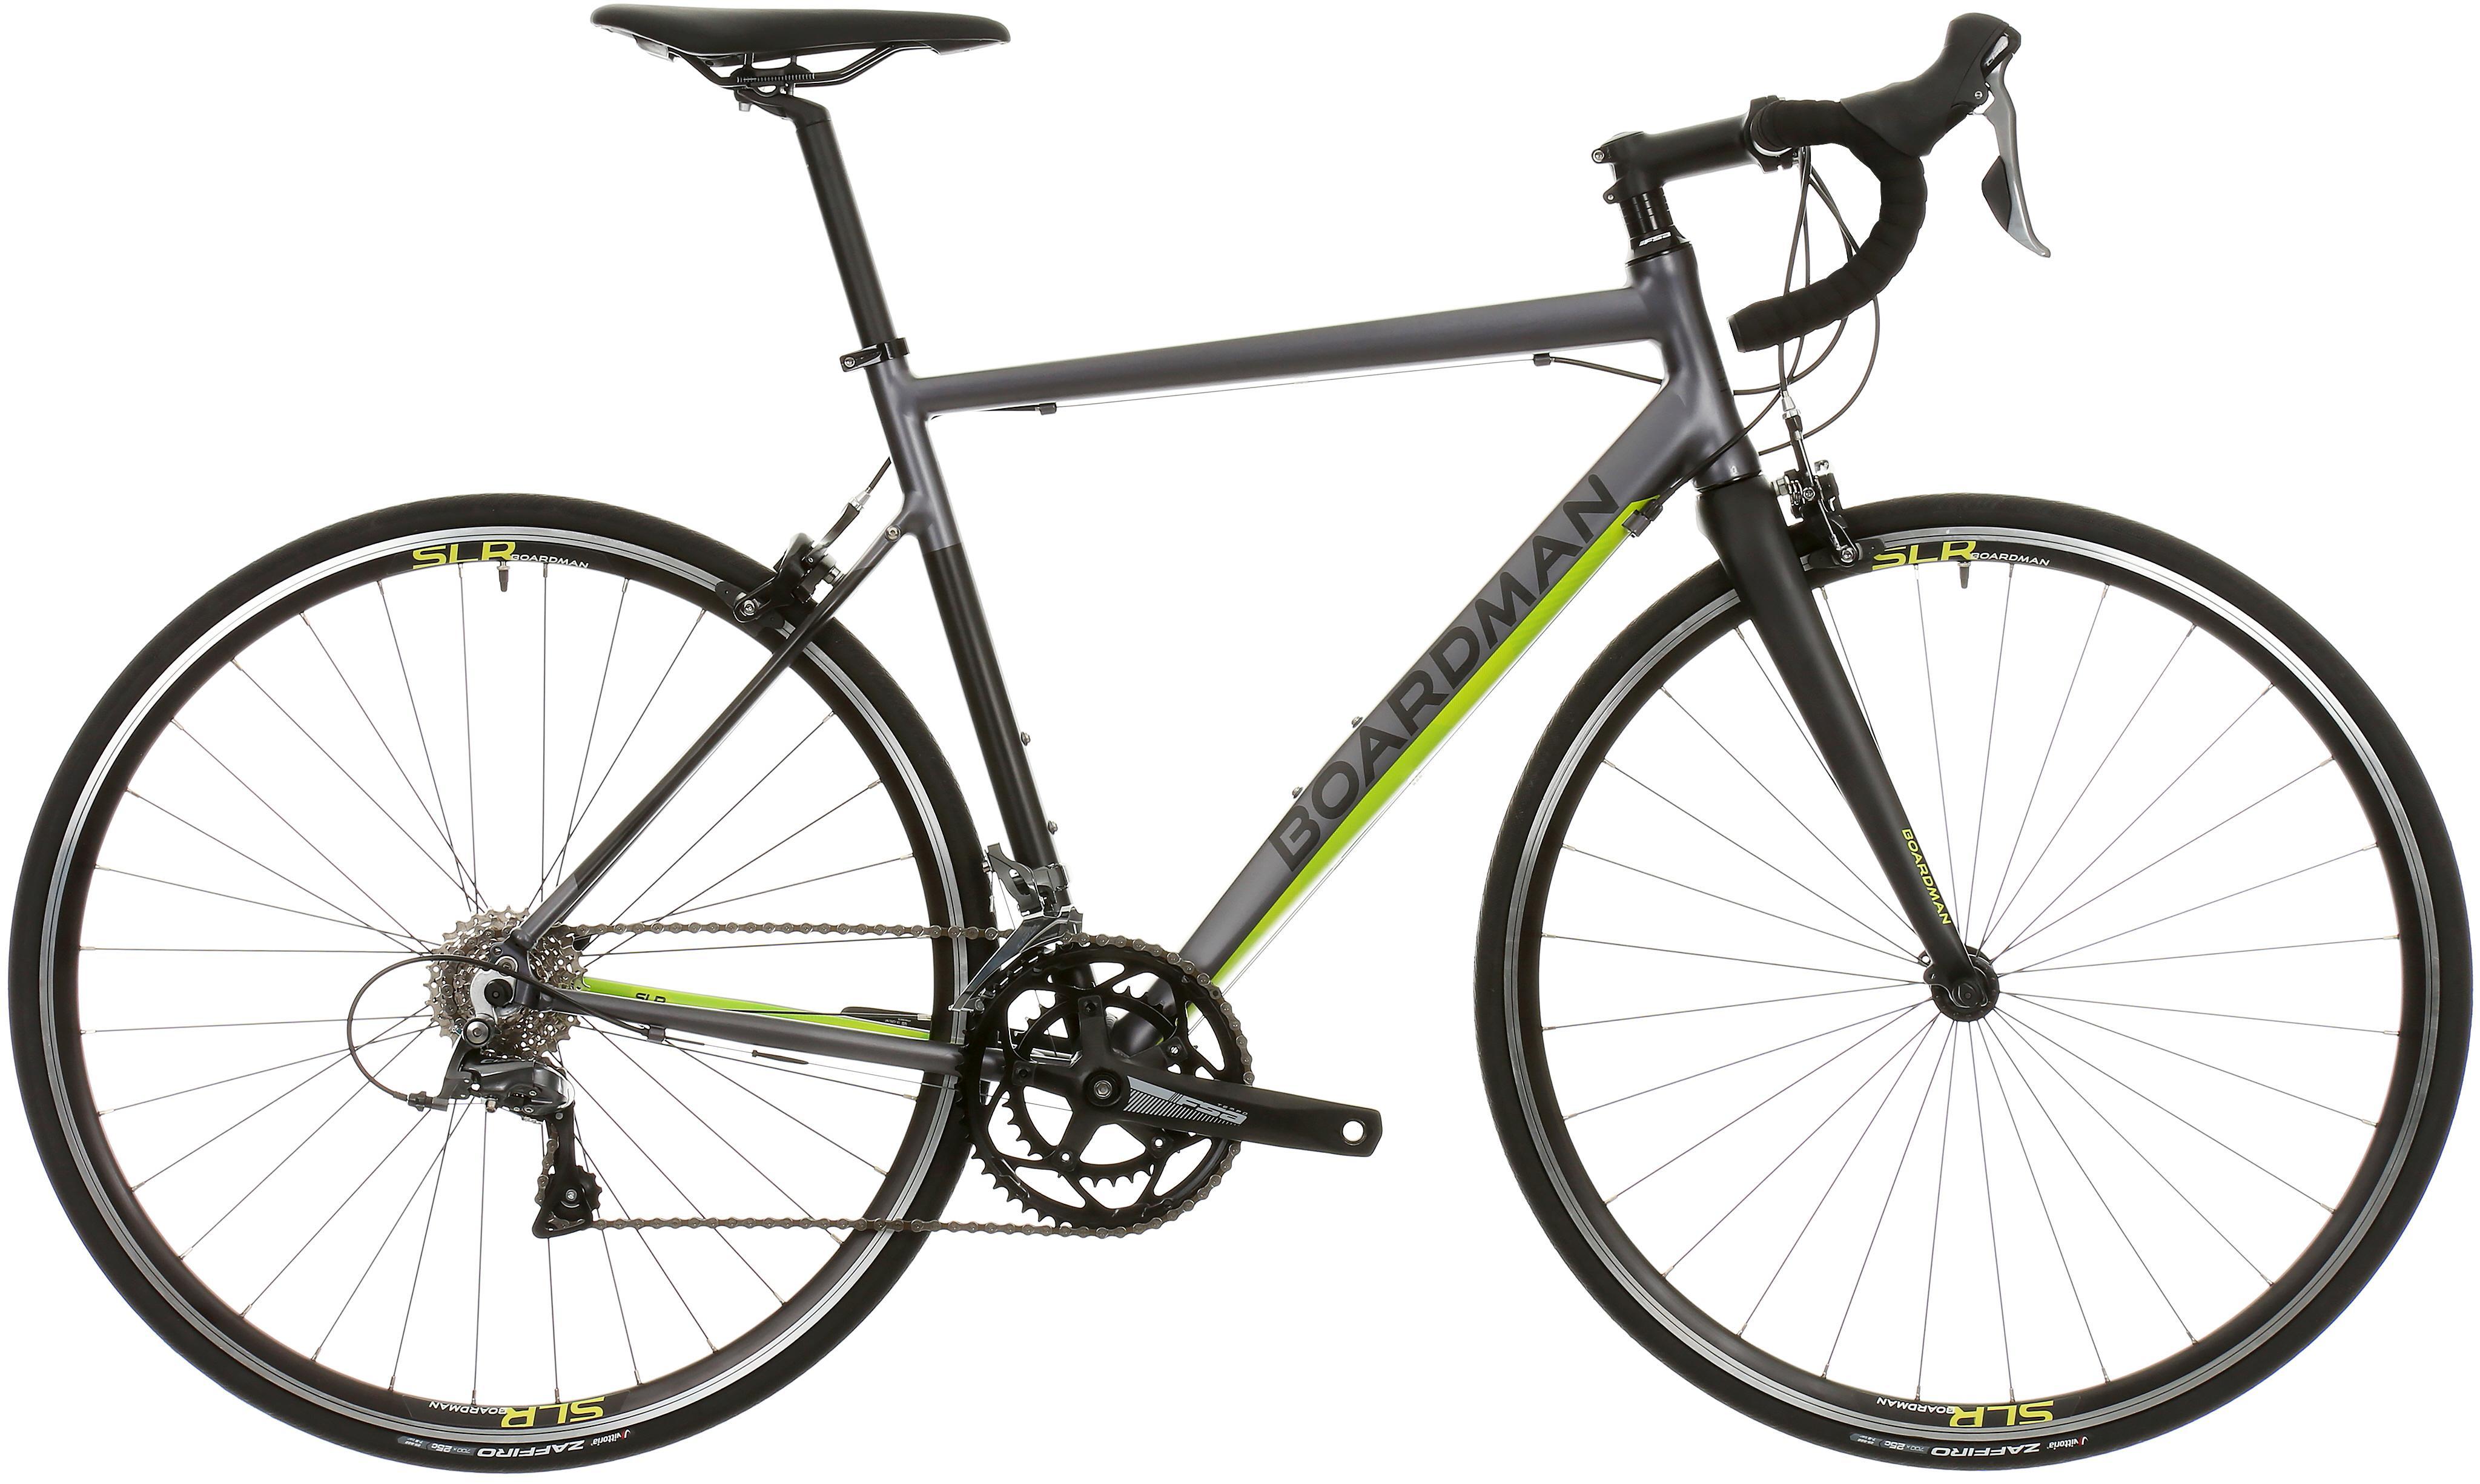 Boardman Slr 8 6 Mens Road Racing Bike Bicycle Alloy Frame 8 Speed 700c Wheels